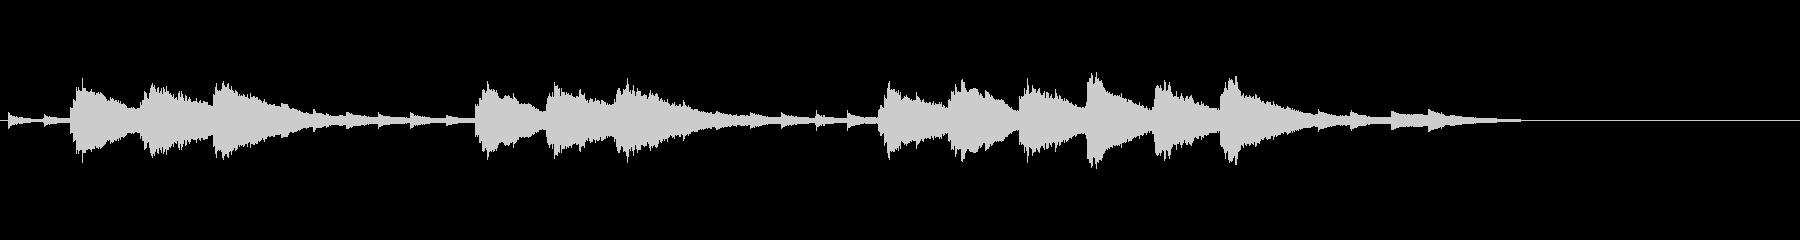 音楽ロゴ;合成オルゴール曲、中視点。の未再生の波形